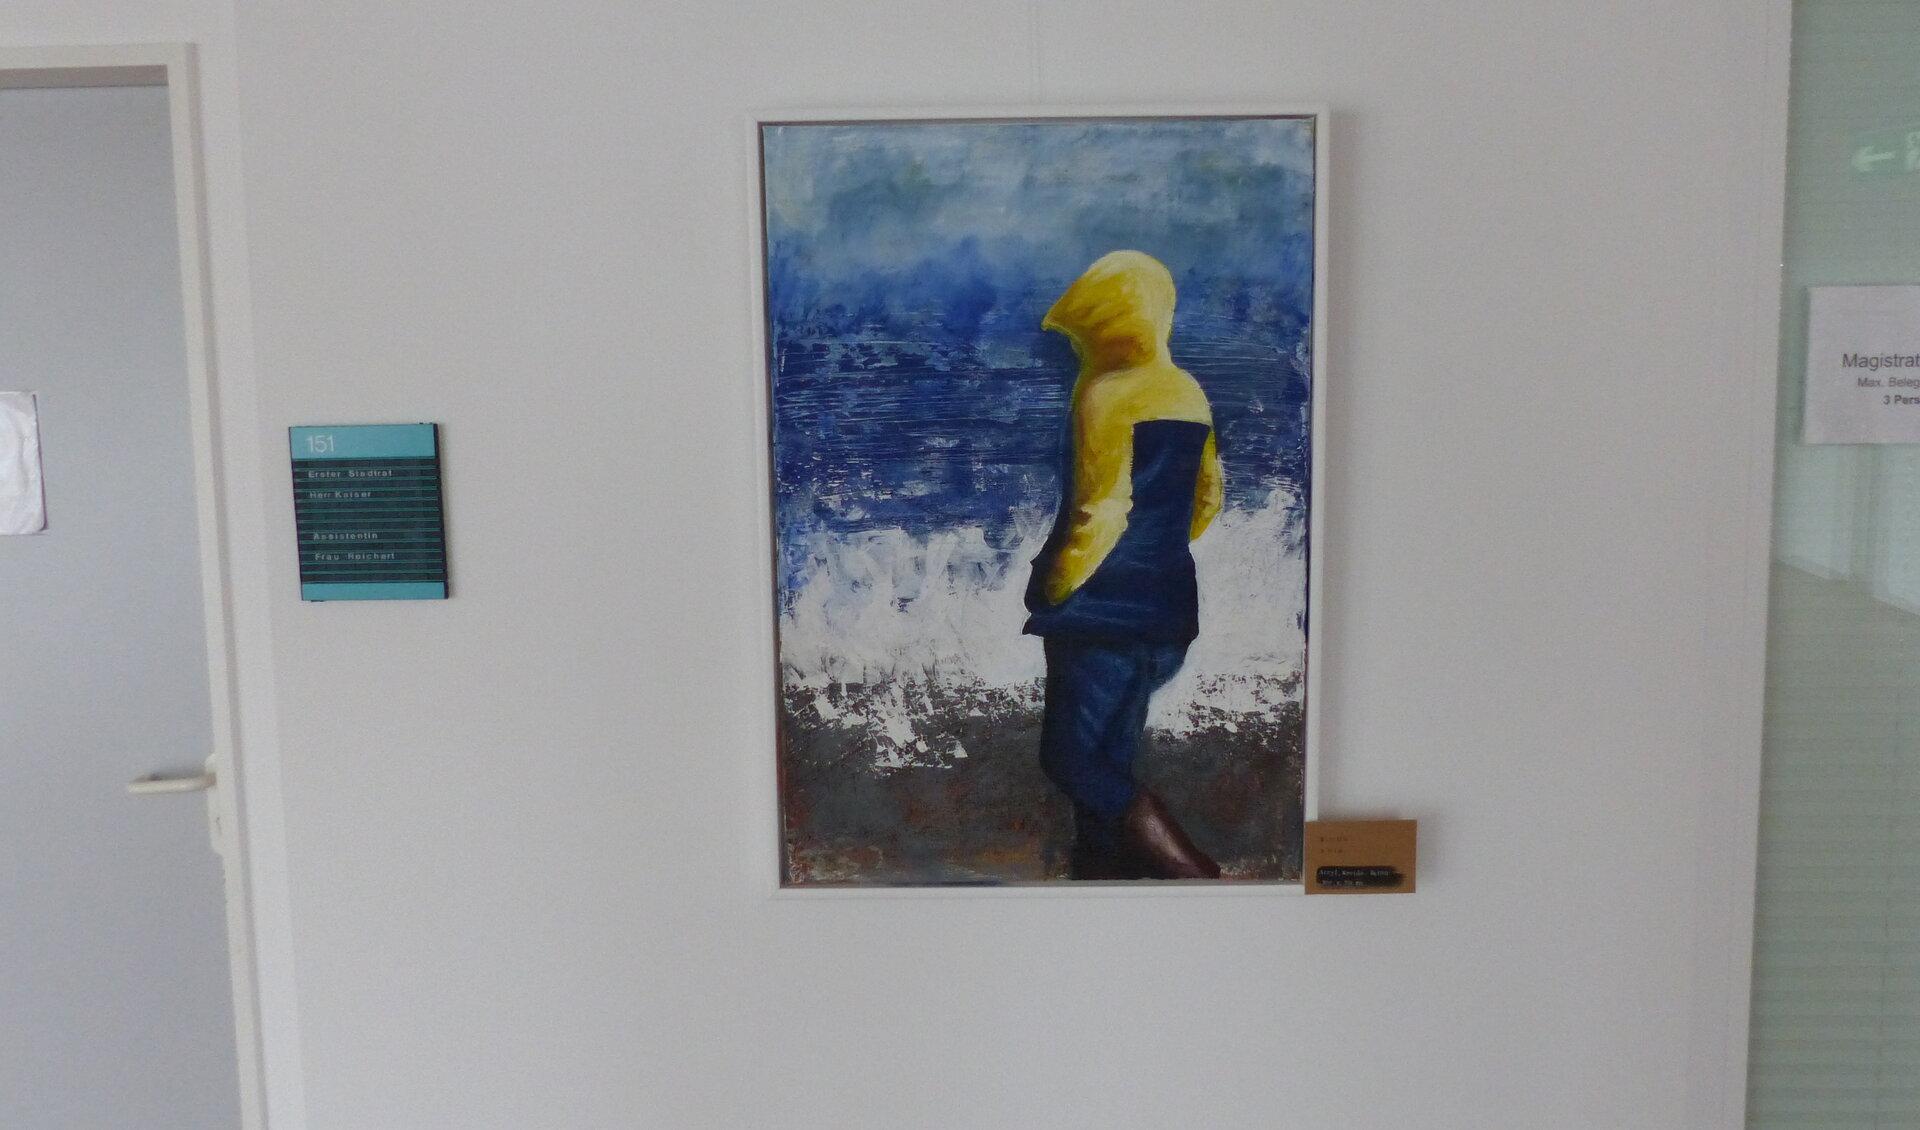 Ausstellung auf den Fluren im Rathaus - Hoffmann